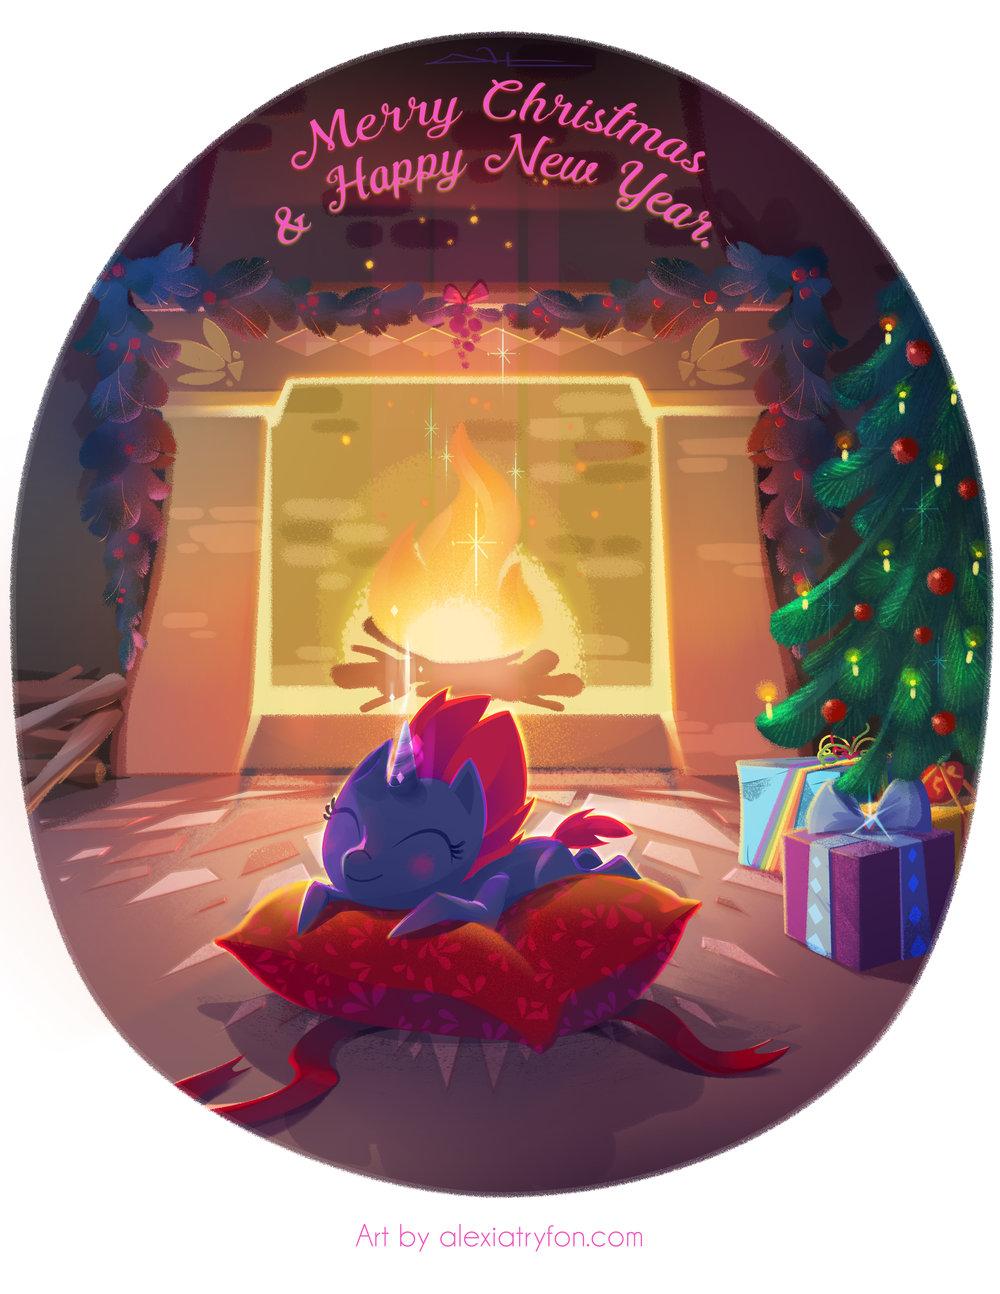 Cosmos Chrismas_WebsiteVersion.jpg